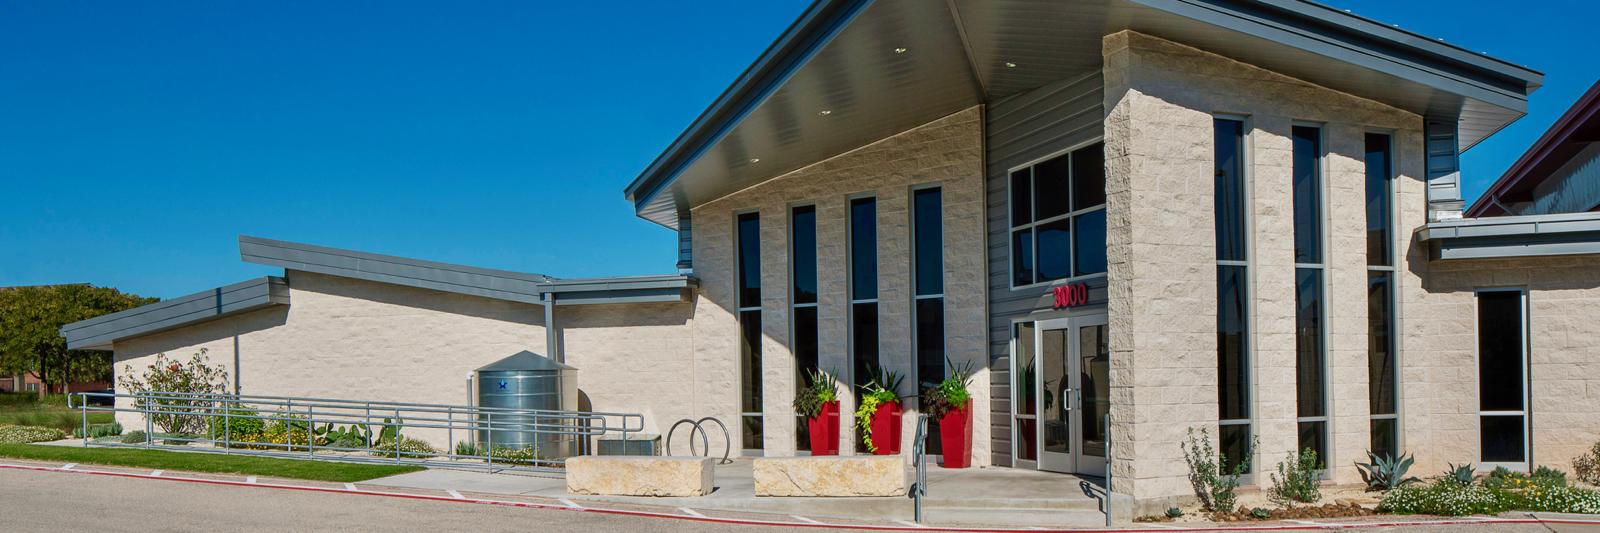 Wells Branch MUD Recreation Center, Heimsath Architects, Austin, Texas (6)